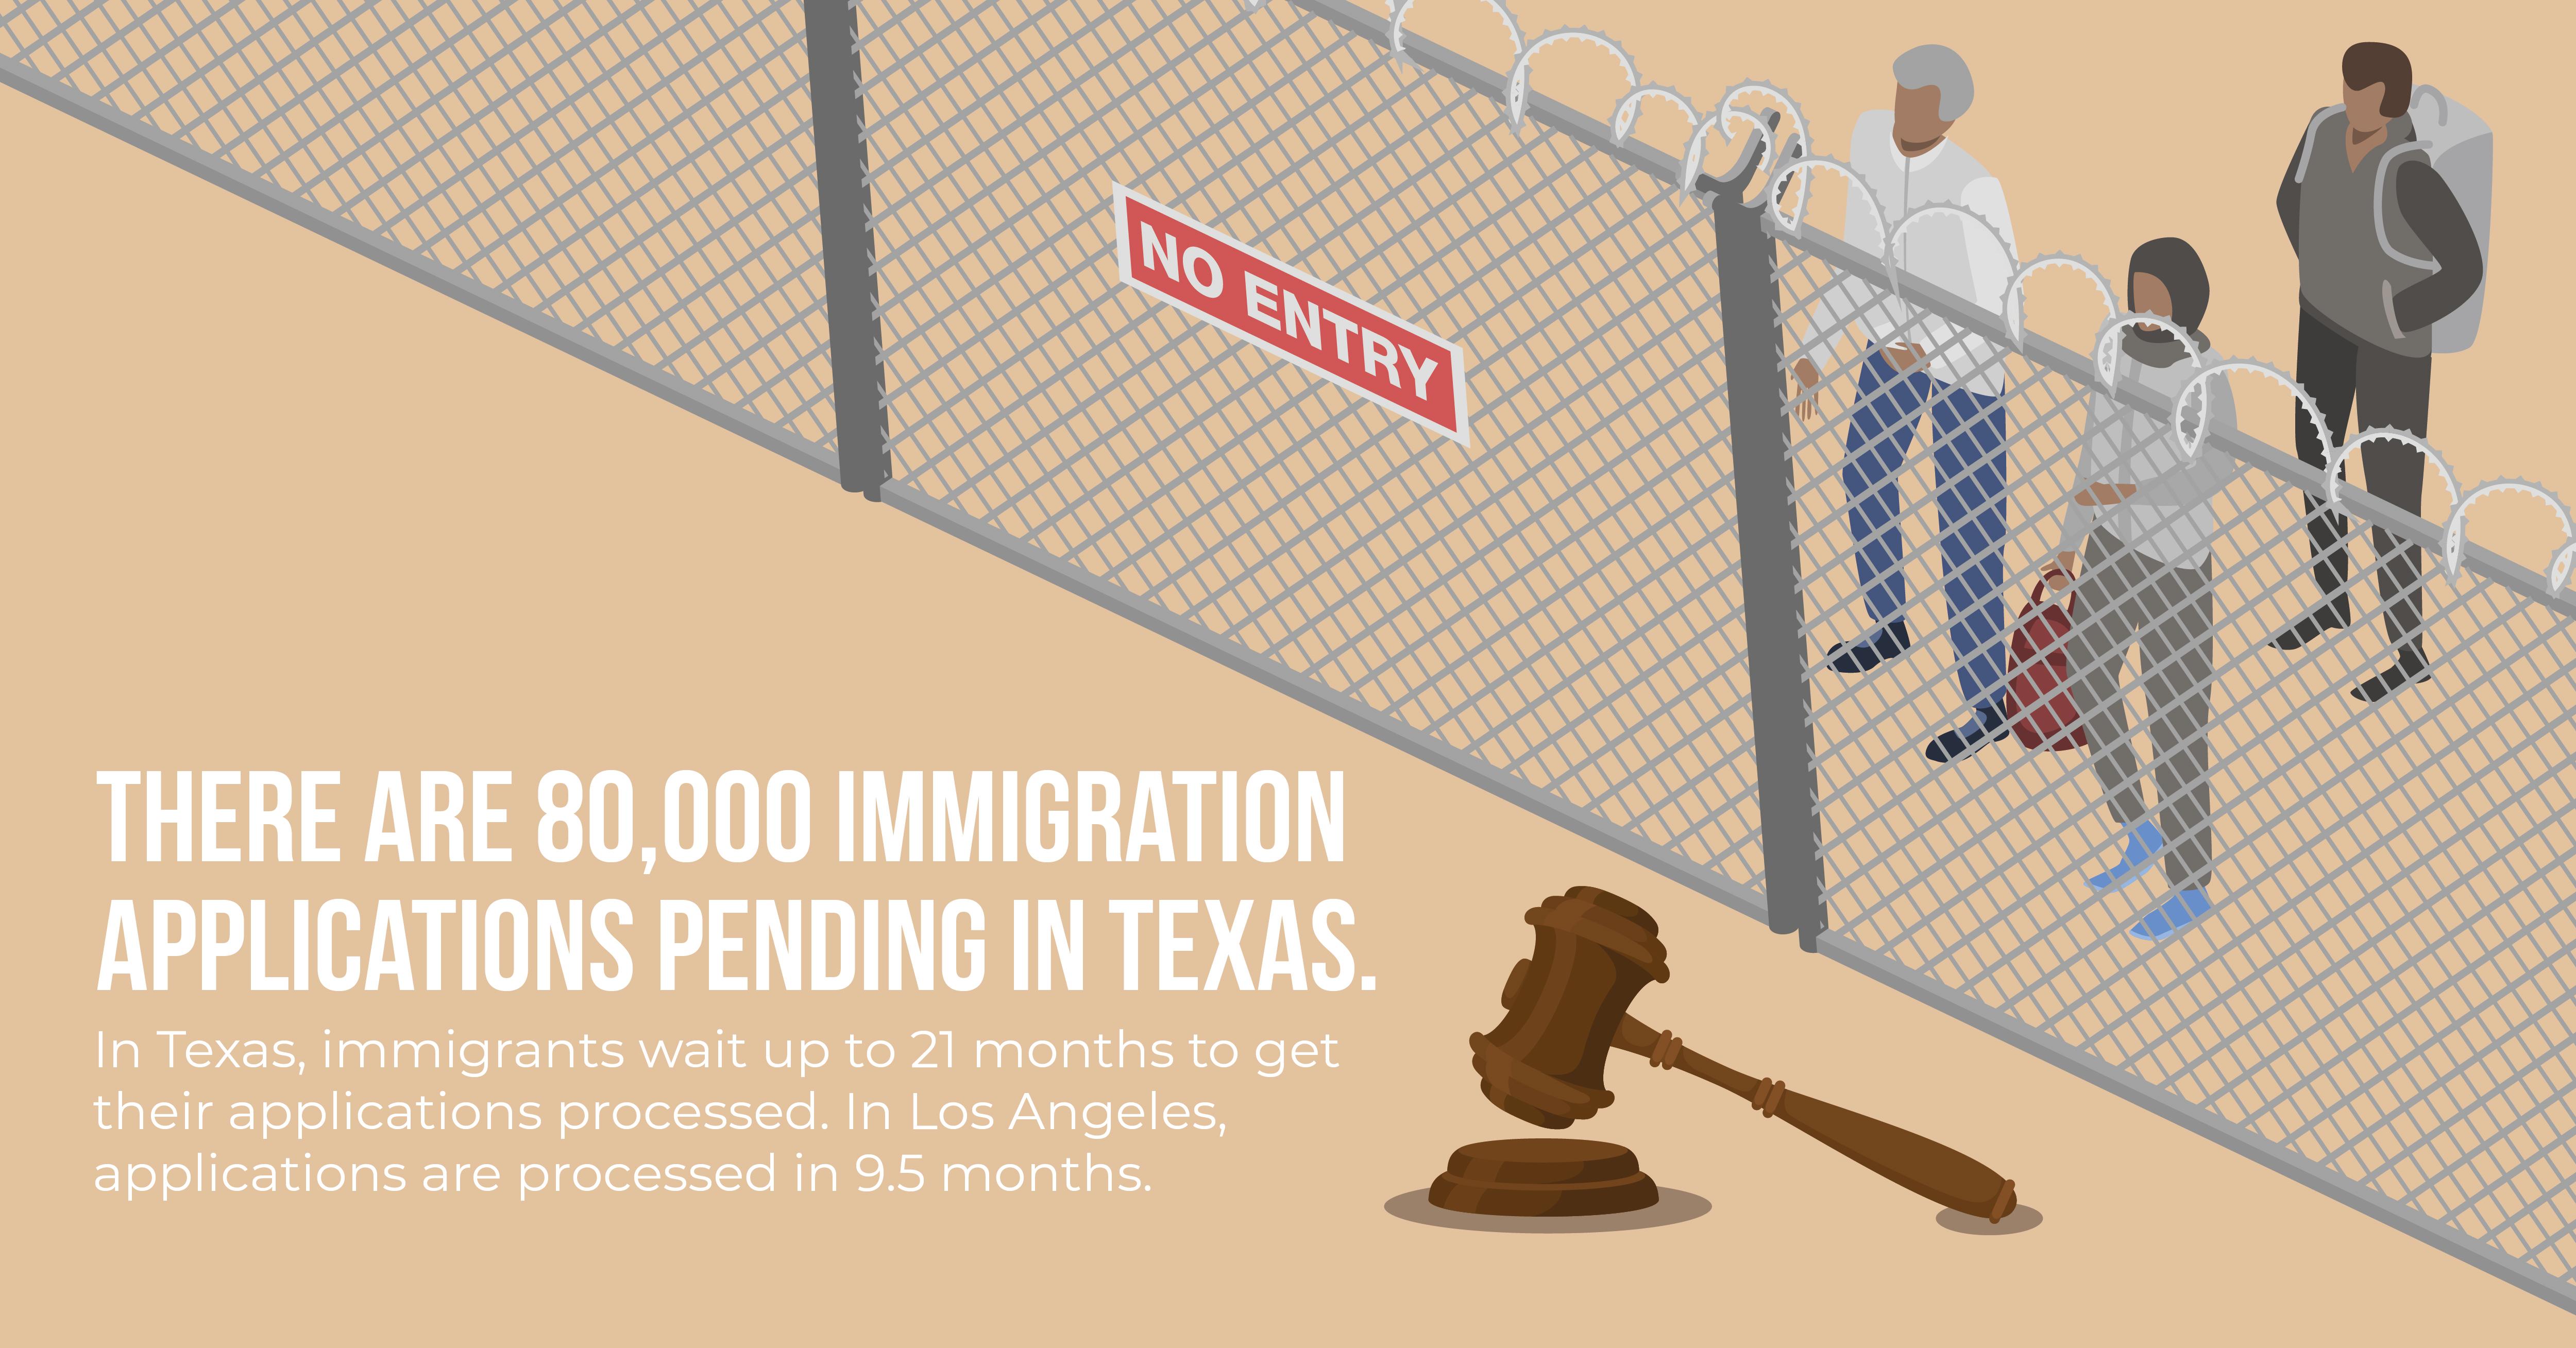 Immigration backlog